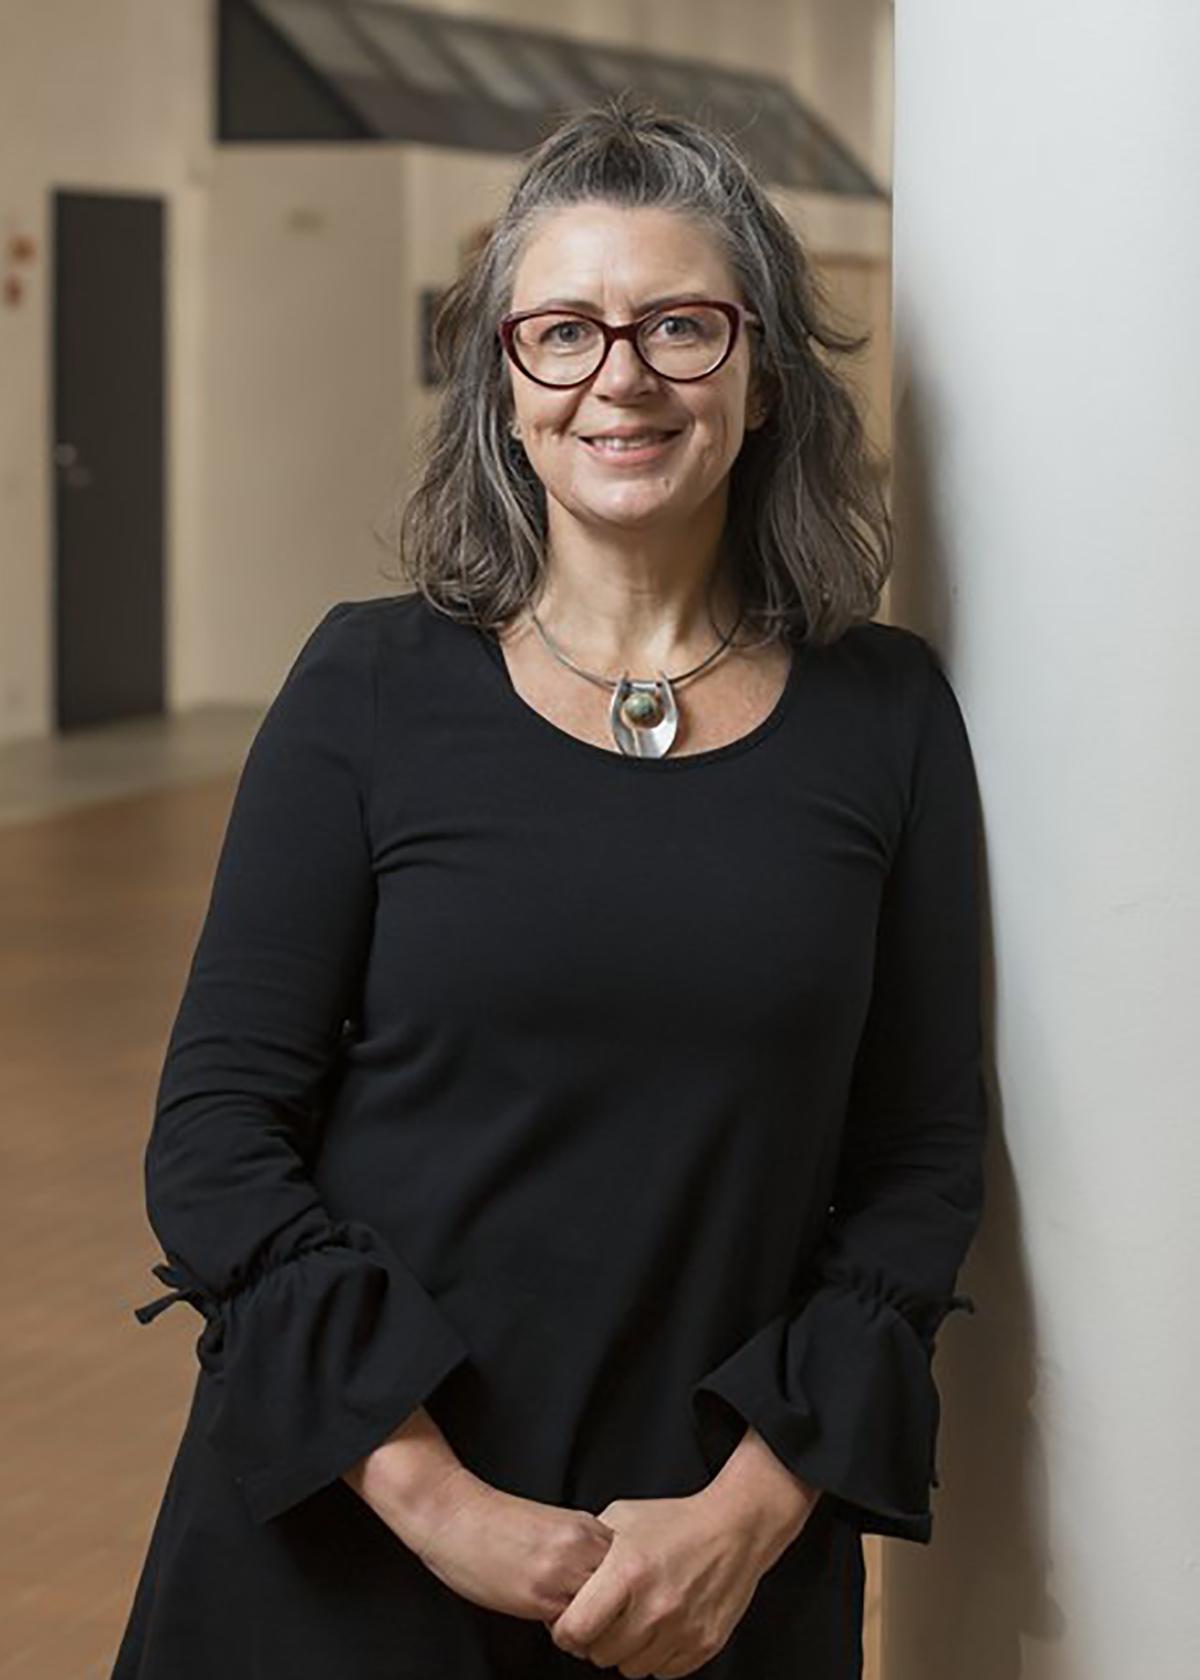 Melanie Sarantou